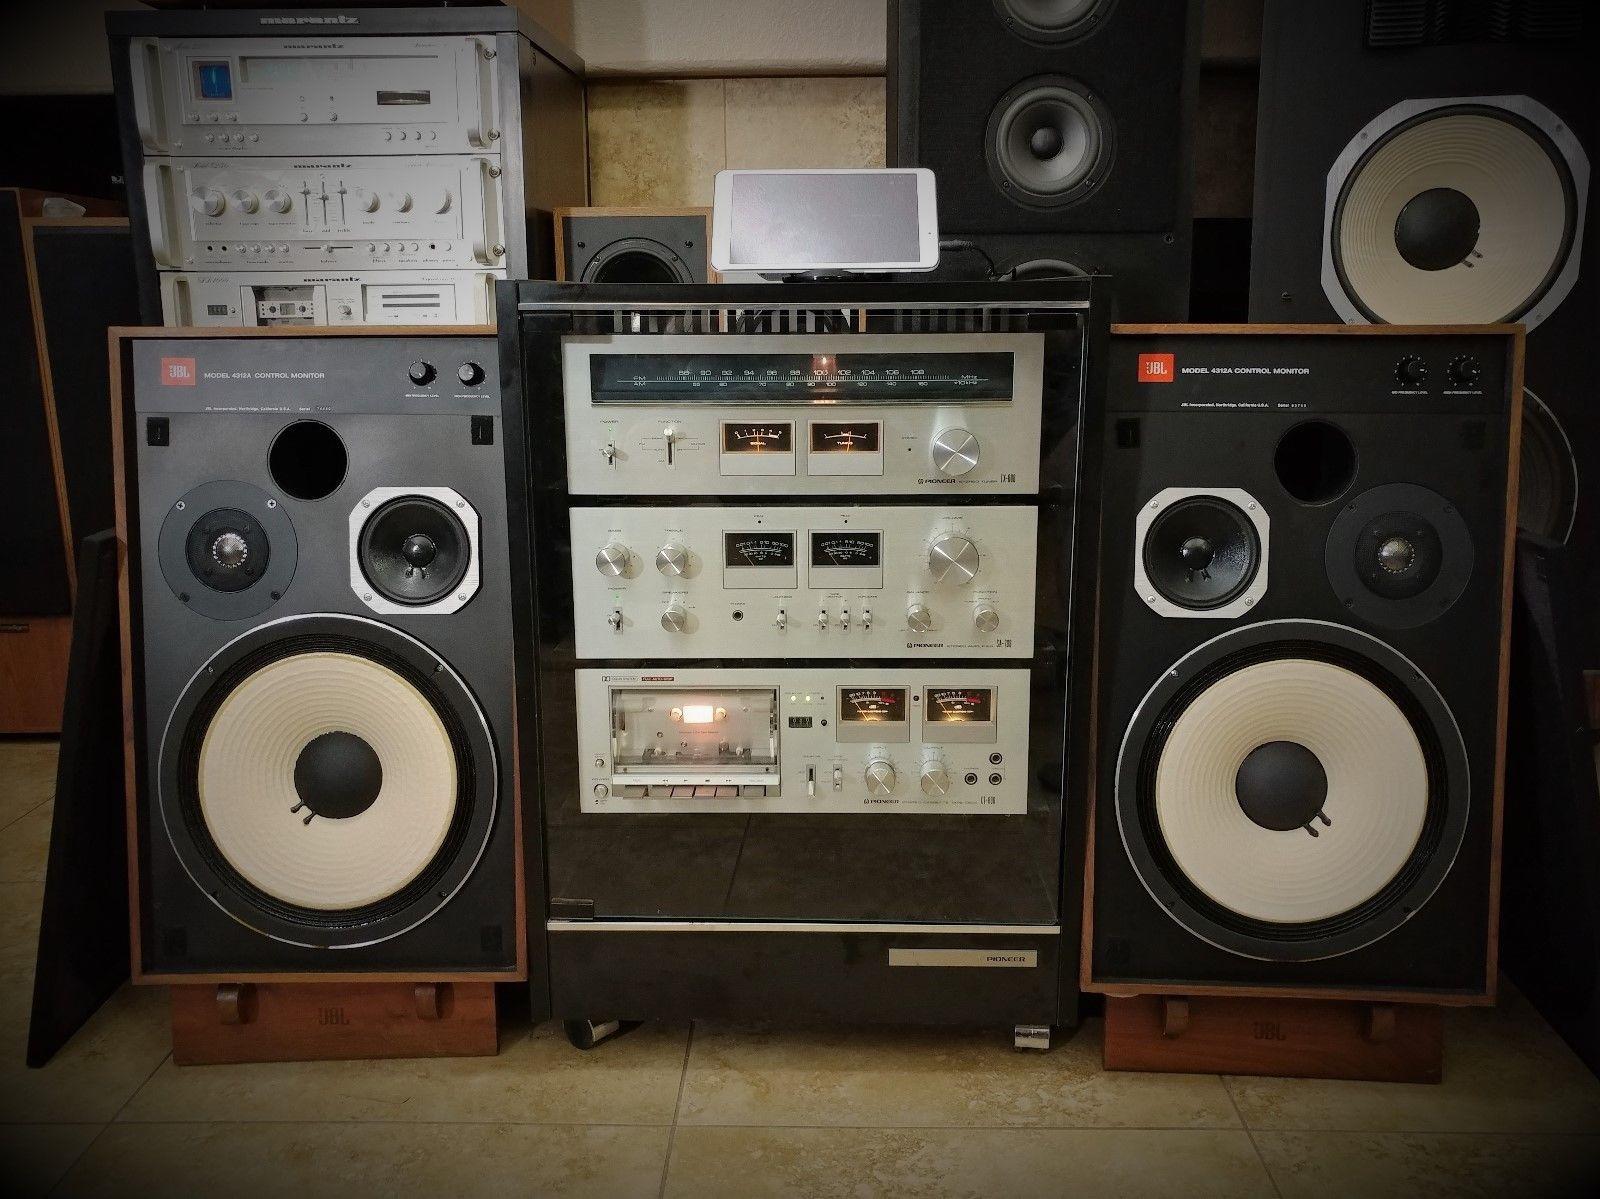 Volt Speakers Impco Lpg Wiring Diagram Jbl 4312a Vintage And Pioneer Rack Tx 606 Sa 706 Ct Multi